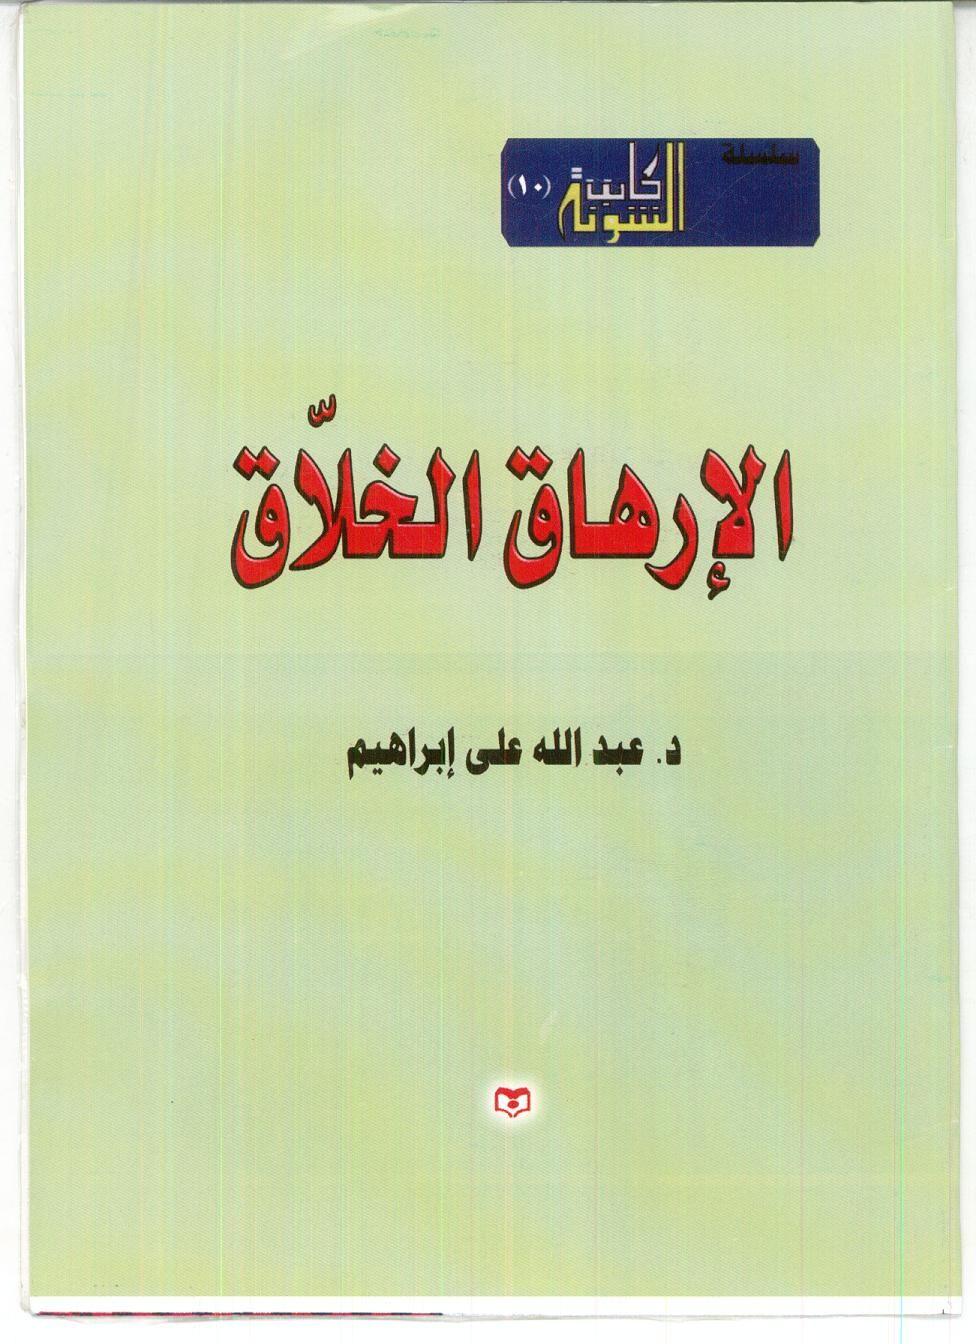 الإرهاق الخلاق: نحو استراتيجية شاملة للصلح الوطني بقلم عبدالله علي إبراهيم